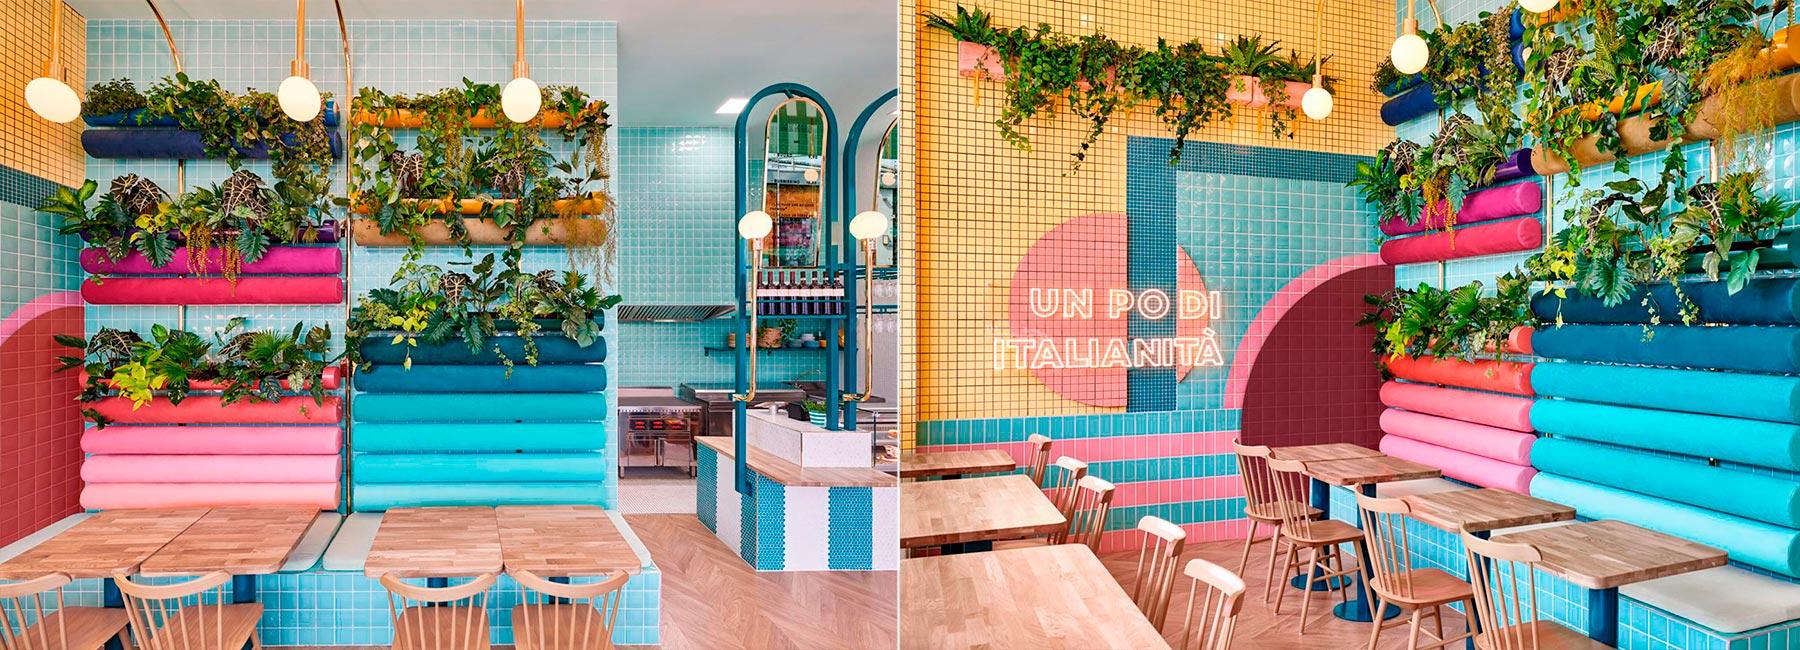 Яркий дизайн интерьера кафе Piada в Лионе